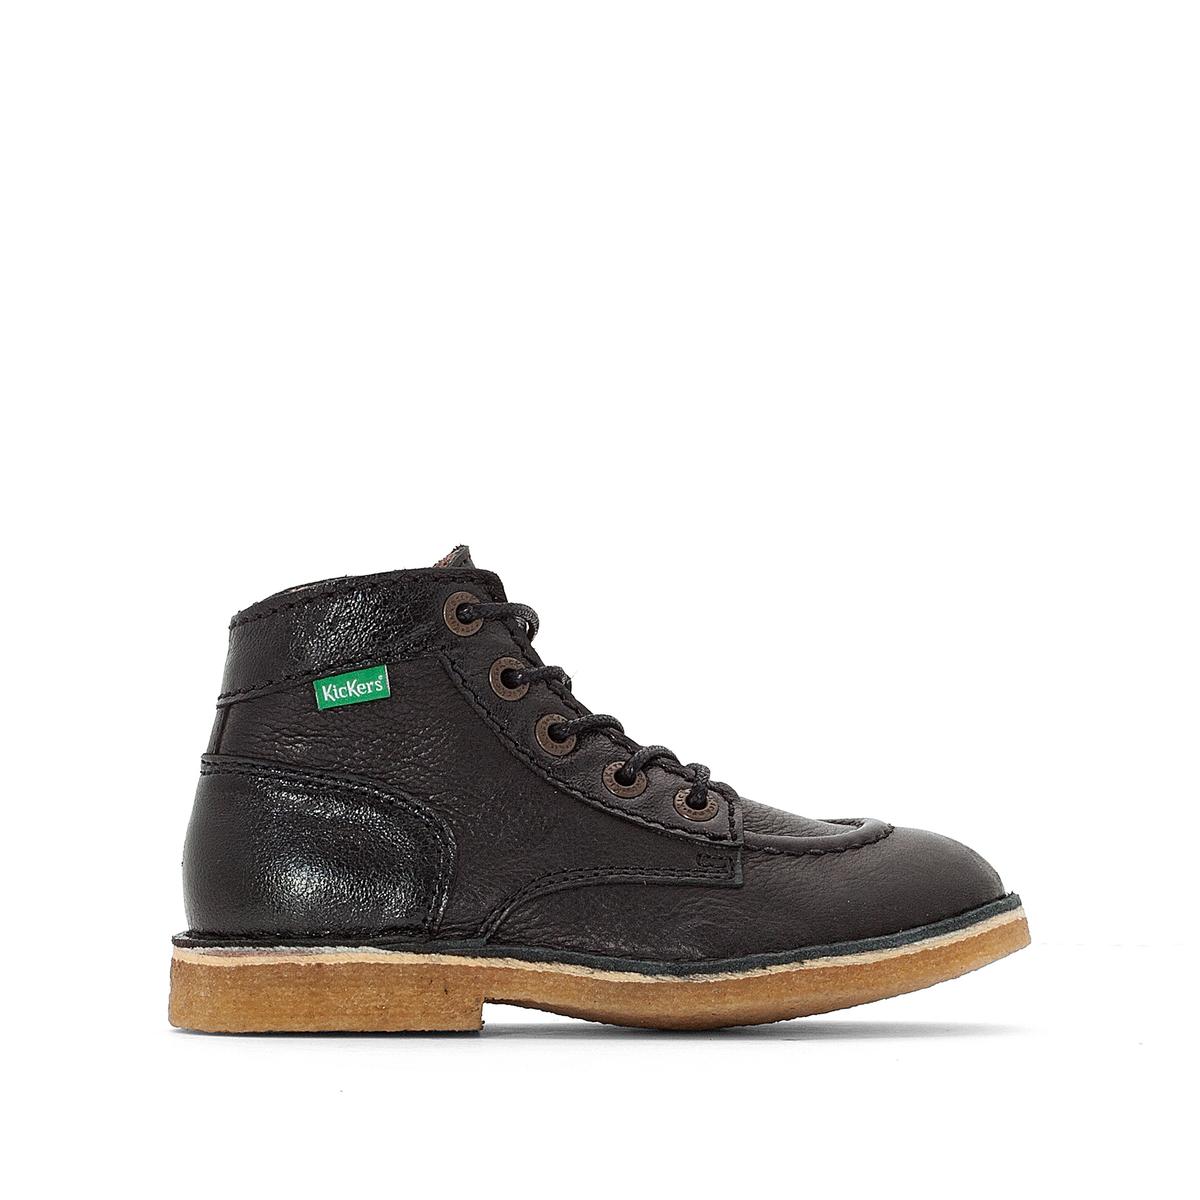 Boots pelle Kick Legend